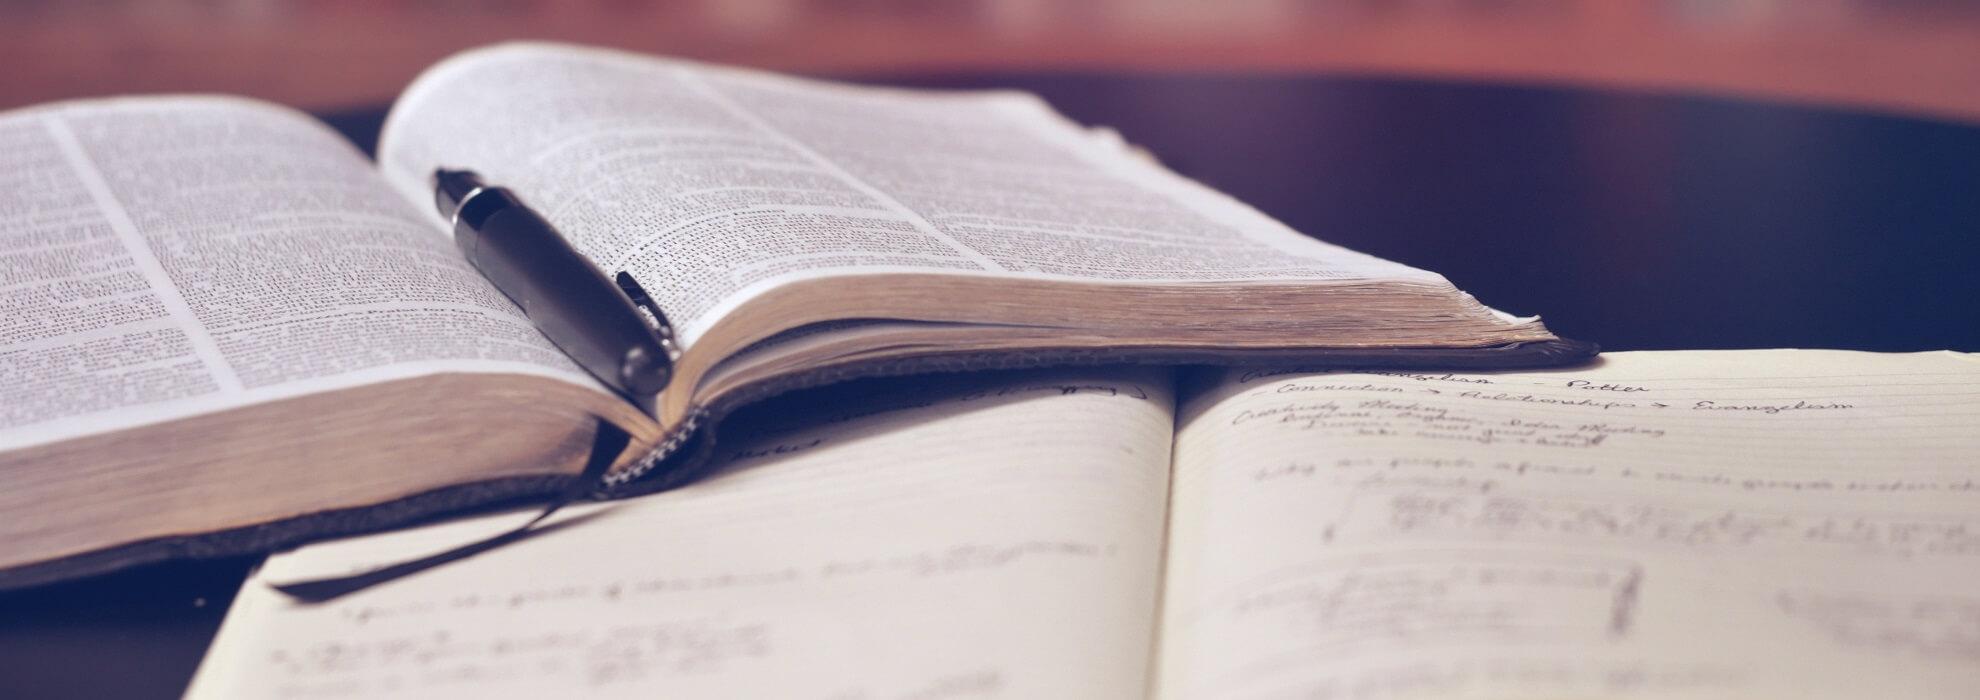 16-11-21 Begrijpend lezen in de bovenbouw - AnkeTragter